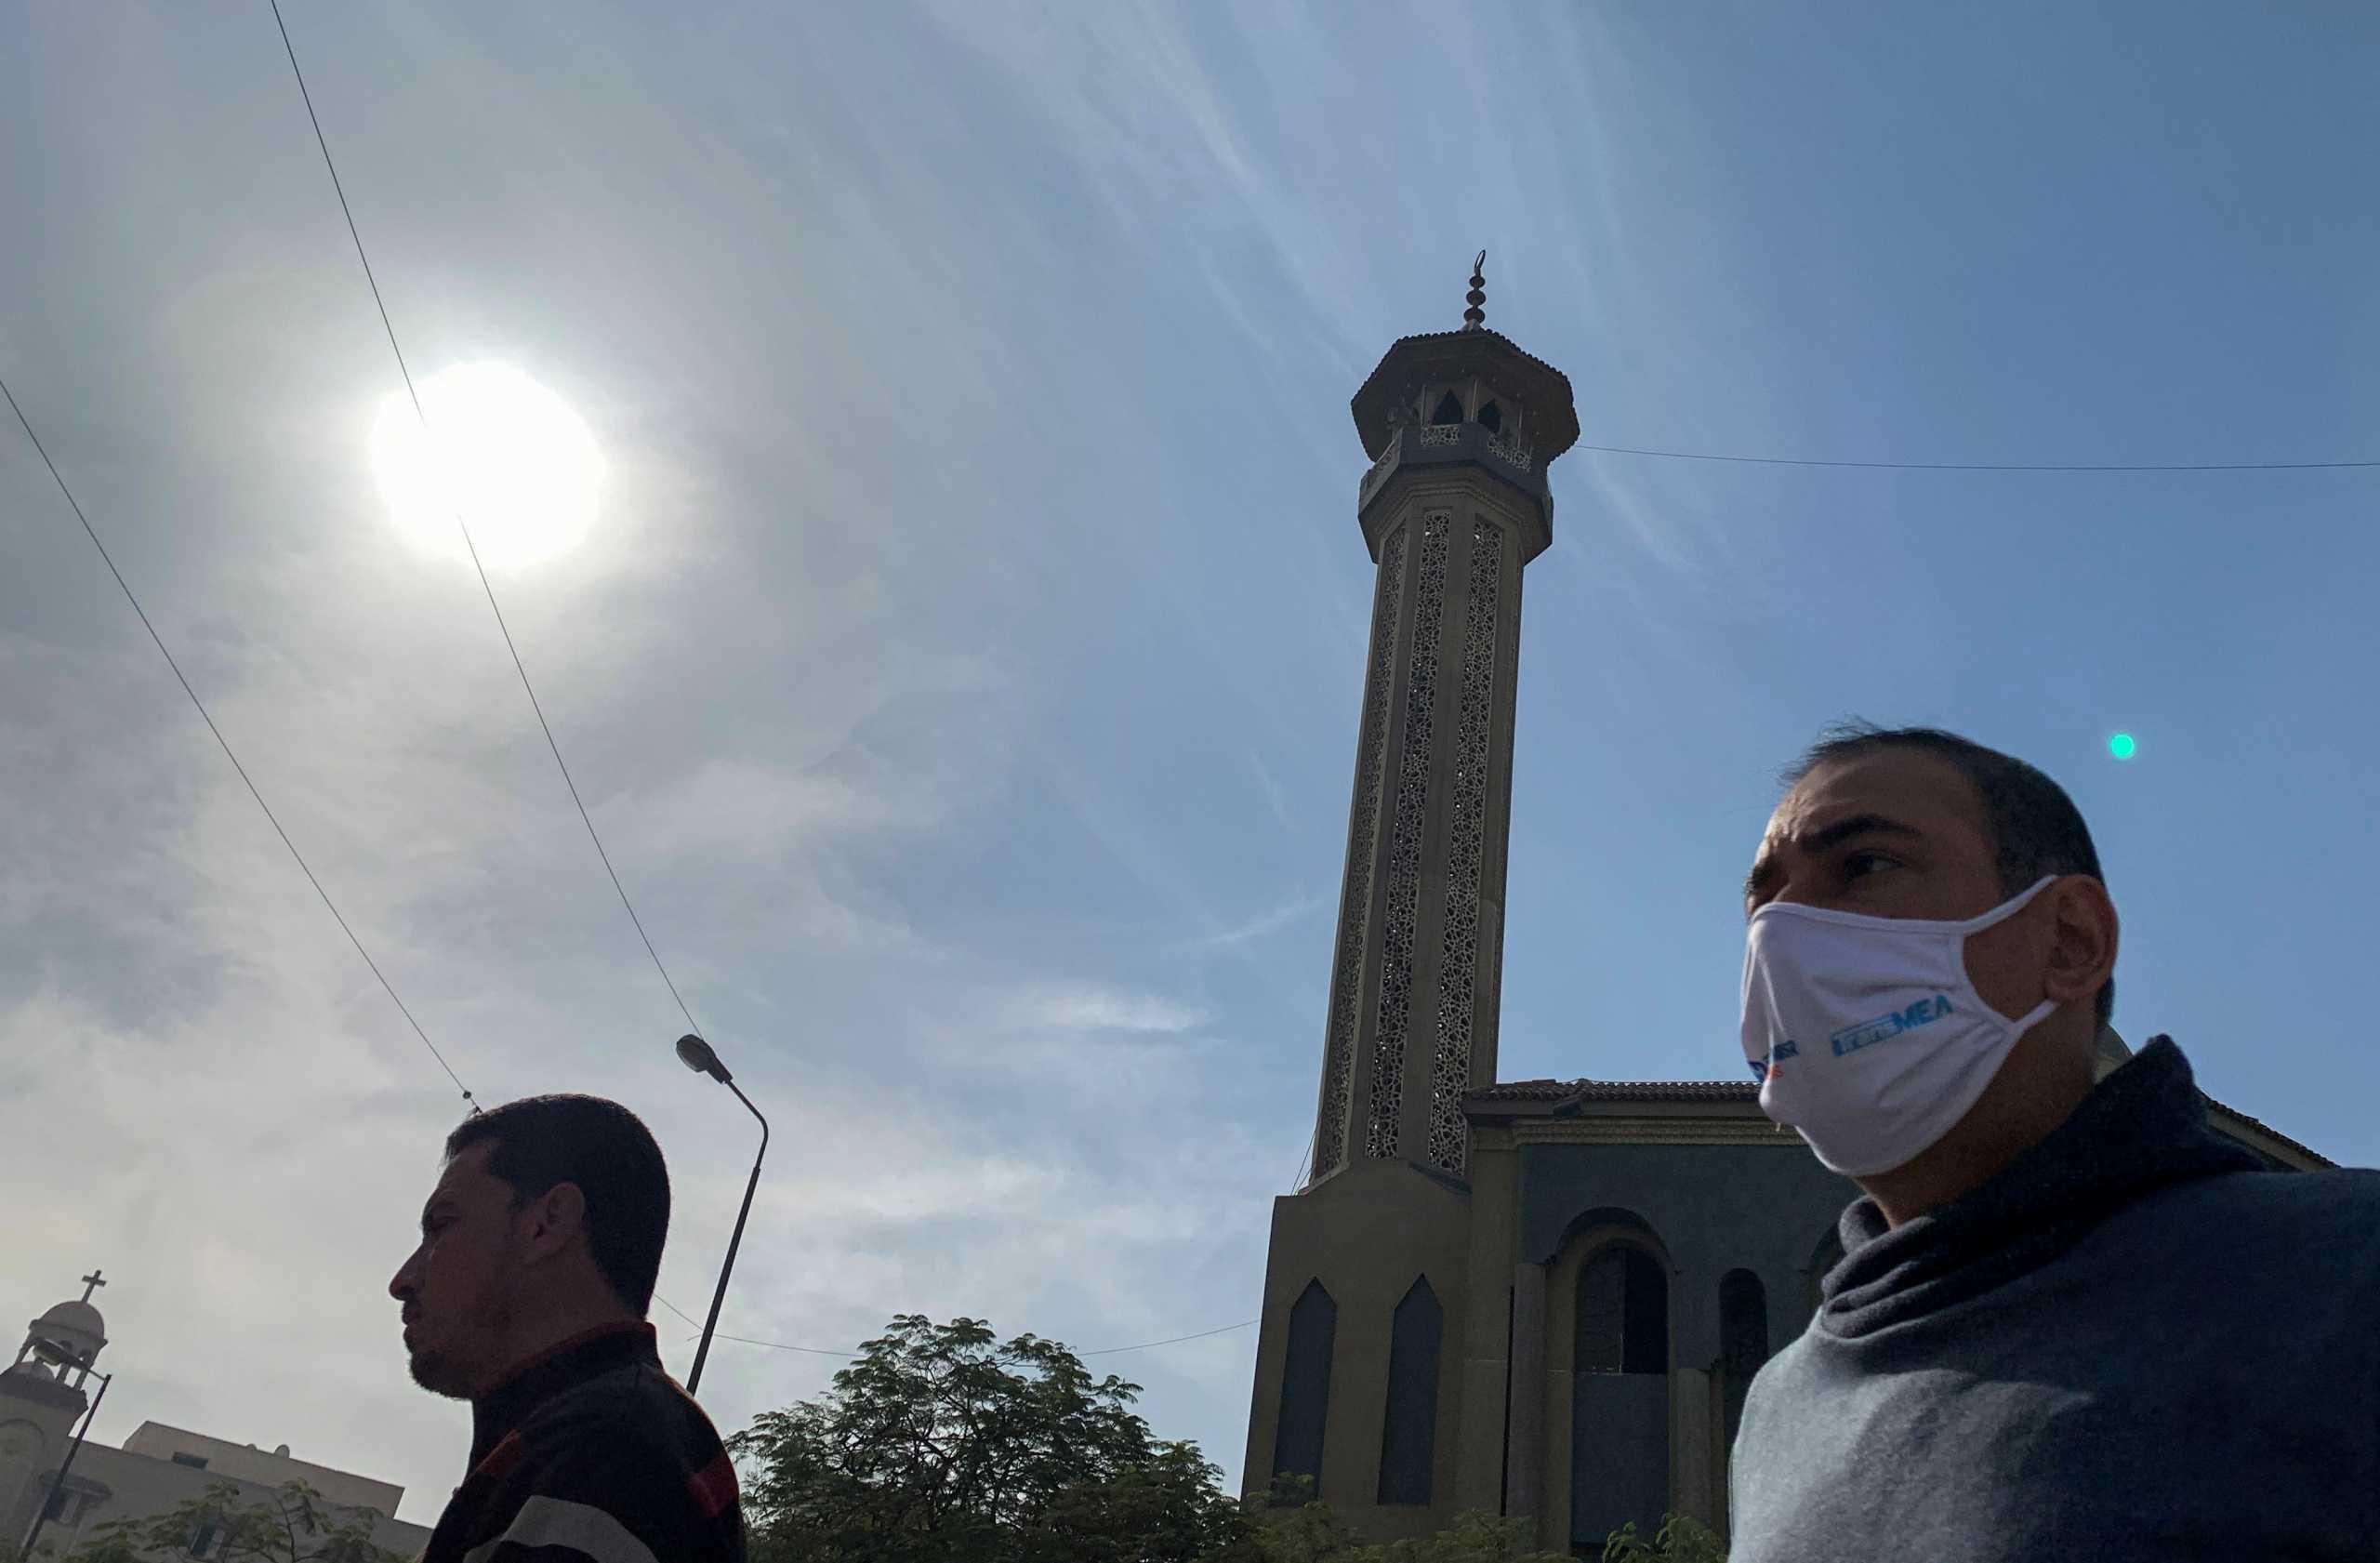 Γαλλία: Αρχίζει η διαδικασία για το κλείσιμο μουσουλμανικού τεμένους στην Αλόν